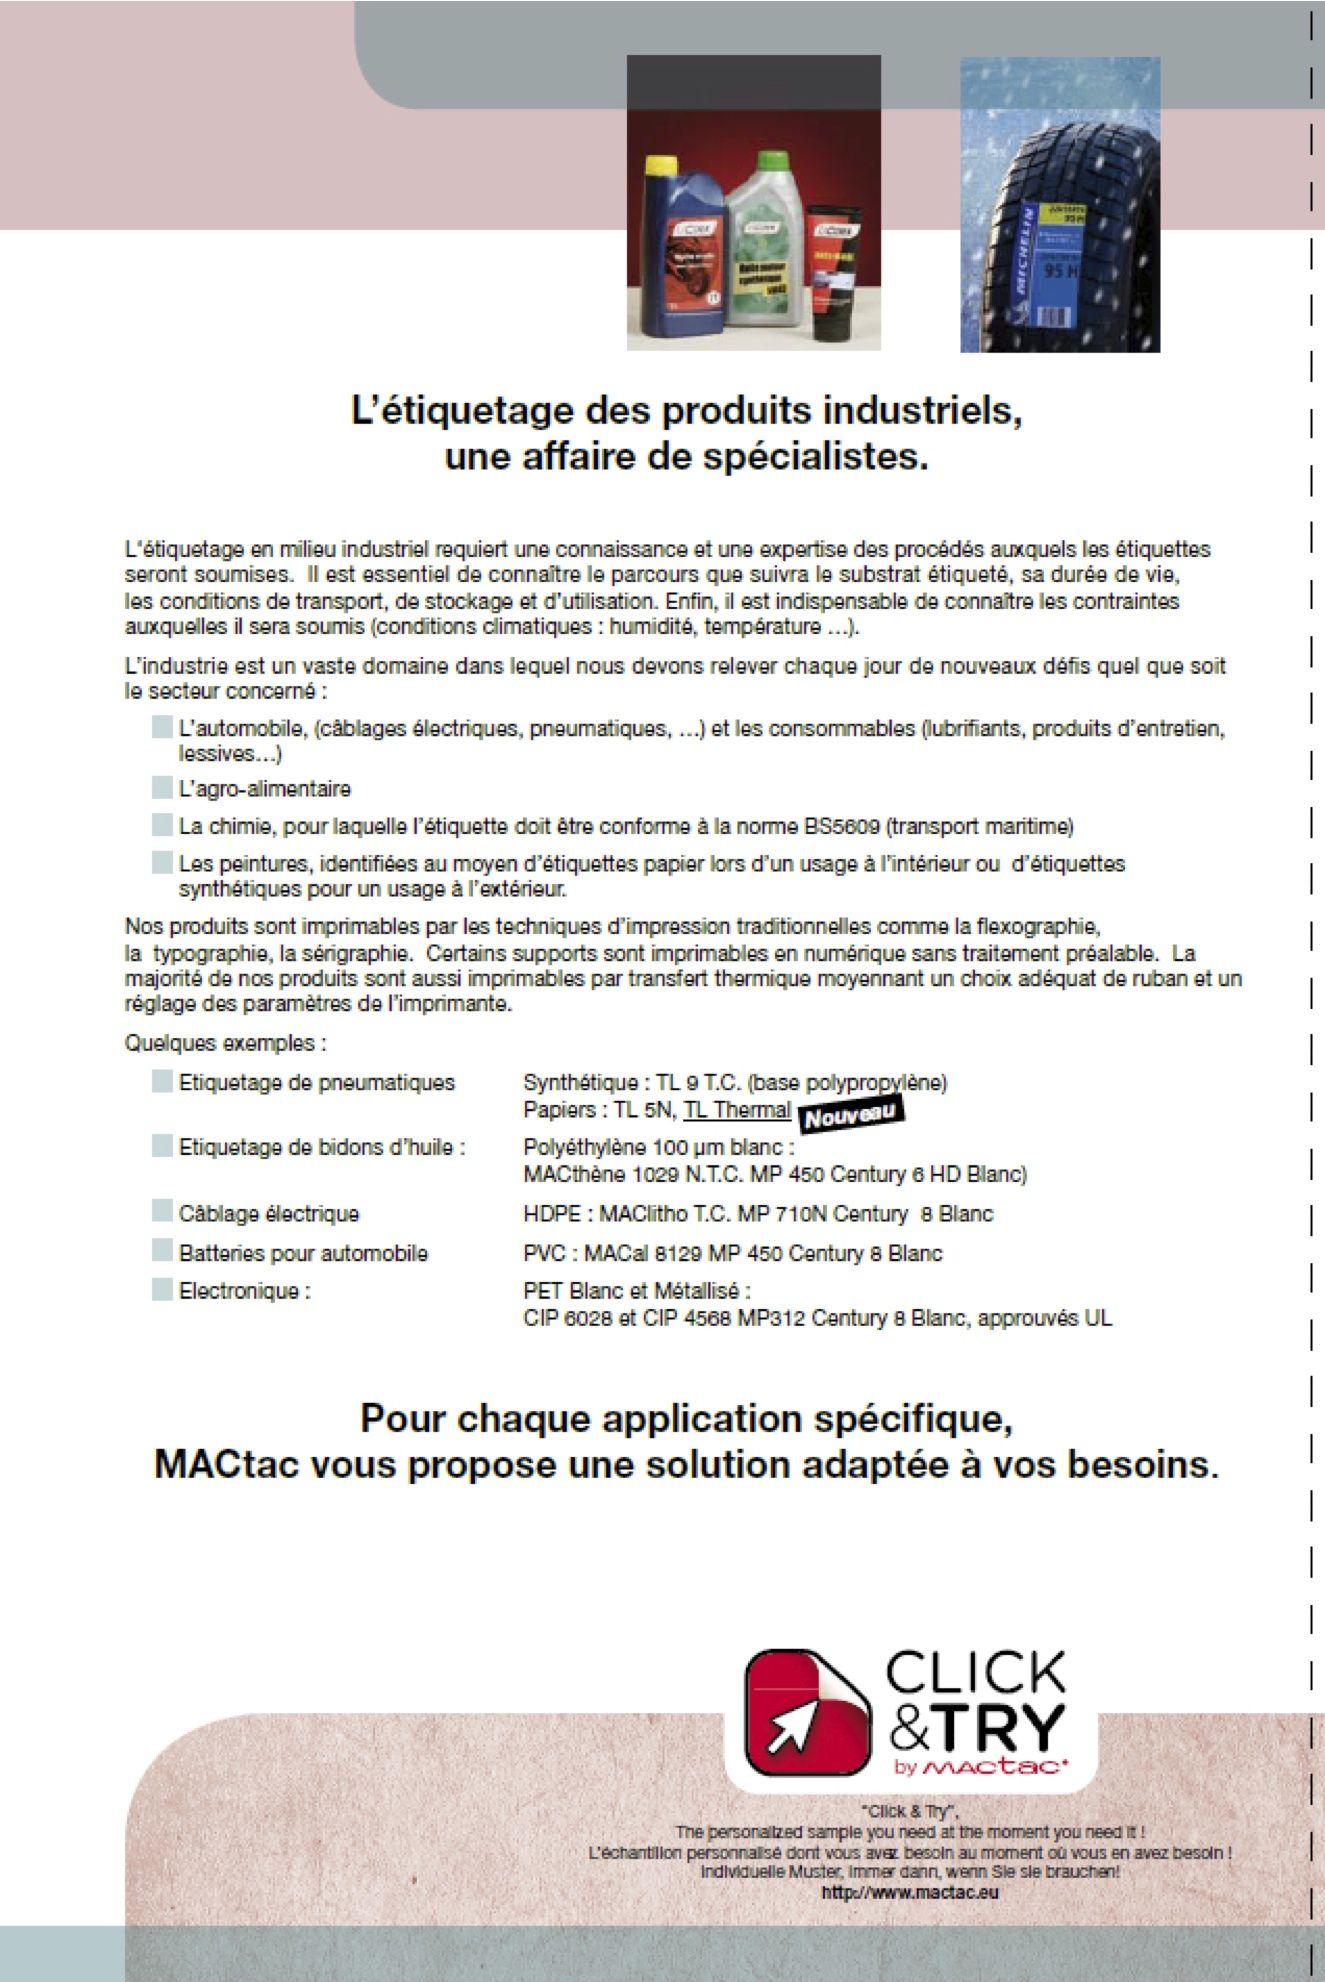 L'étiquetage des produits industriels